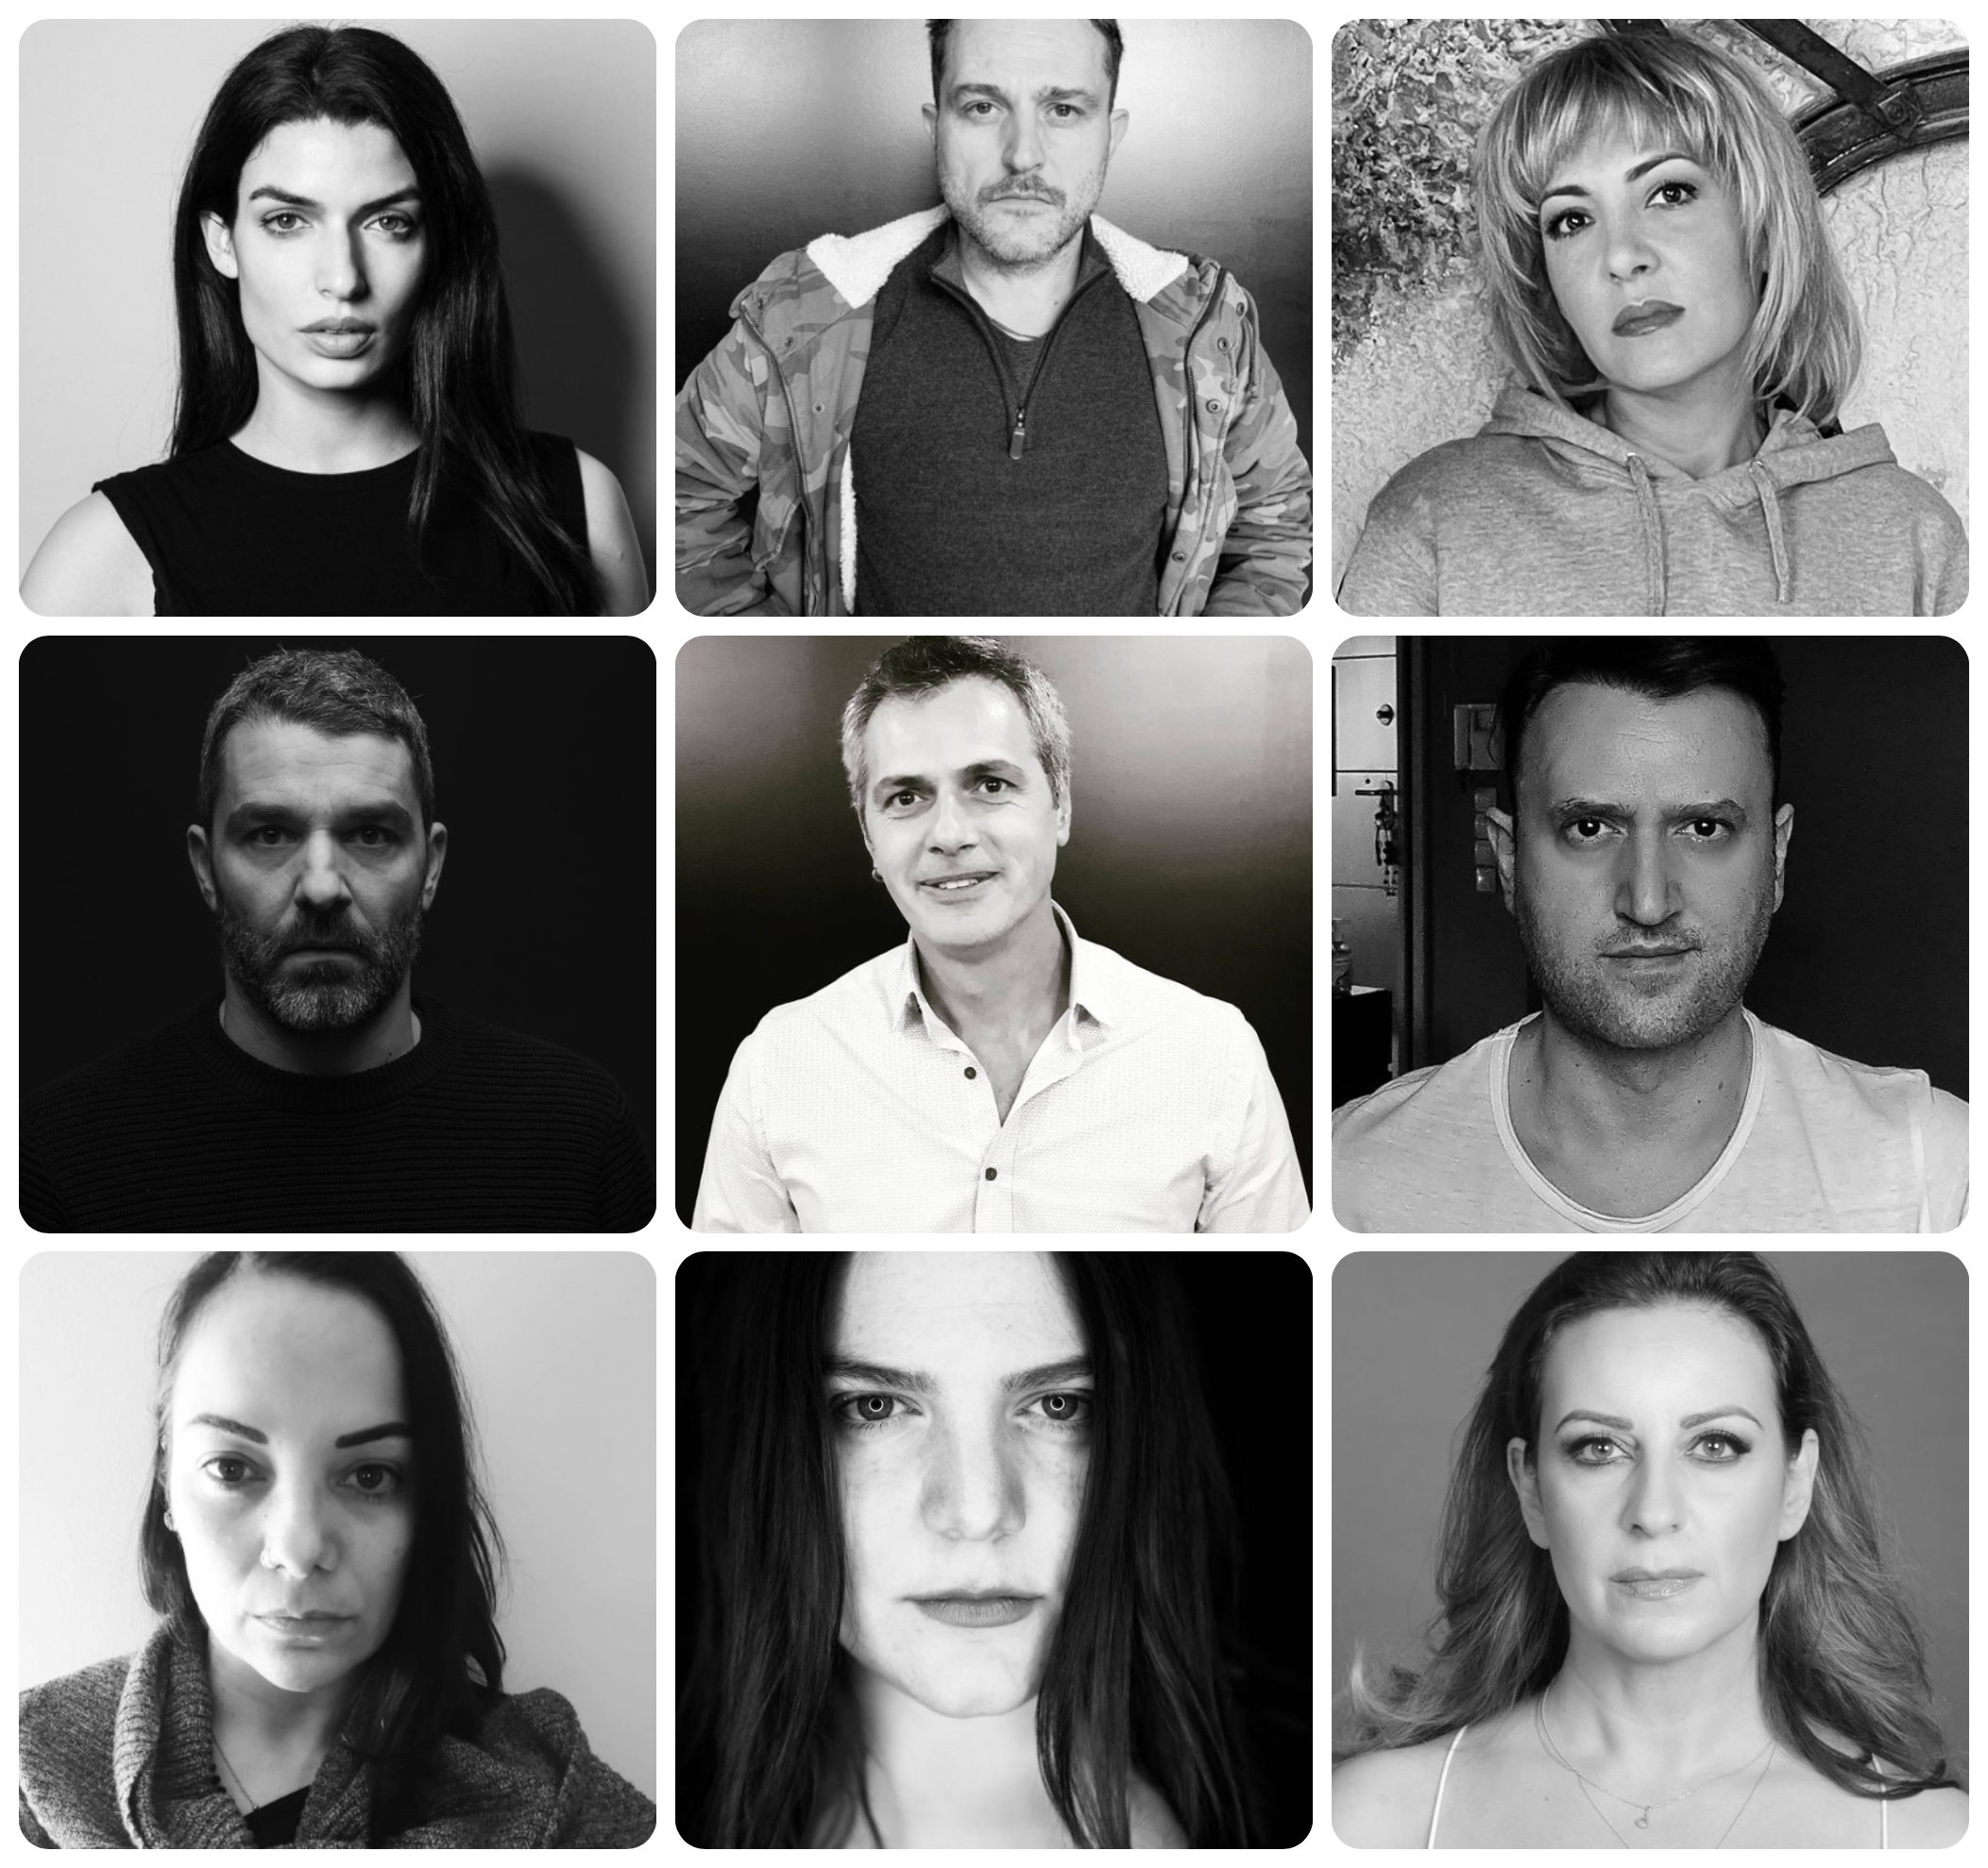 #Εimasteoloimazi: Έλληνες ηθοποιοί στηρίζουν συναδέλφους τους που υπέστησαν βία